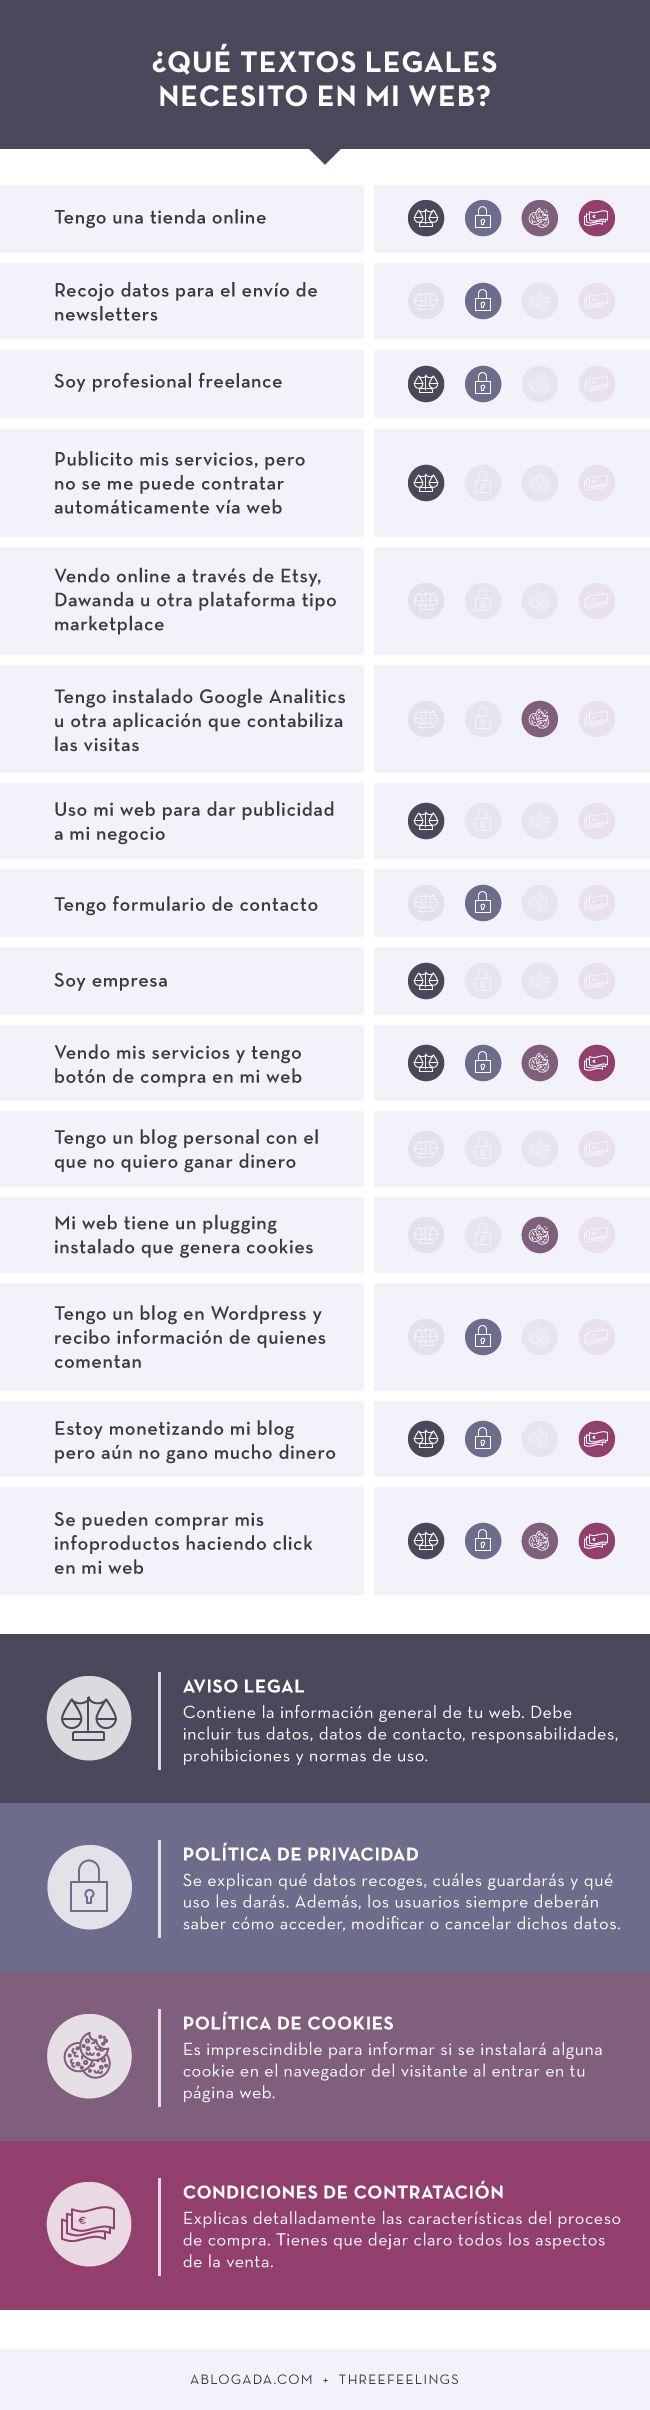 tabla-textoslegales